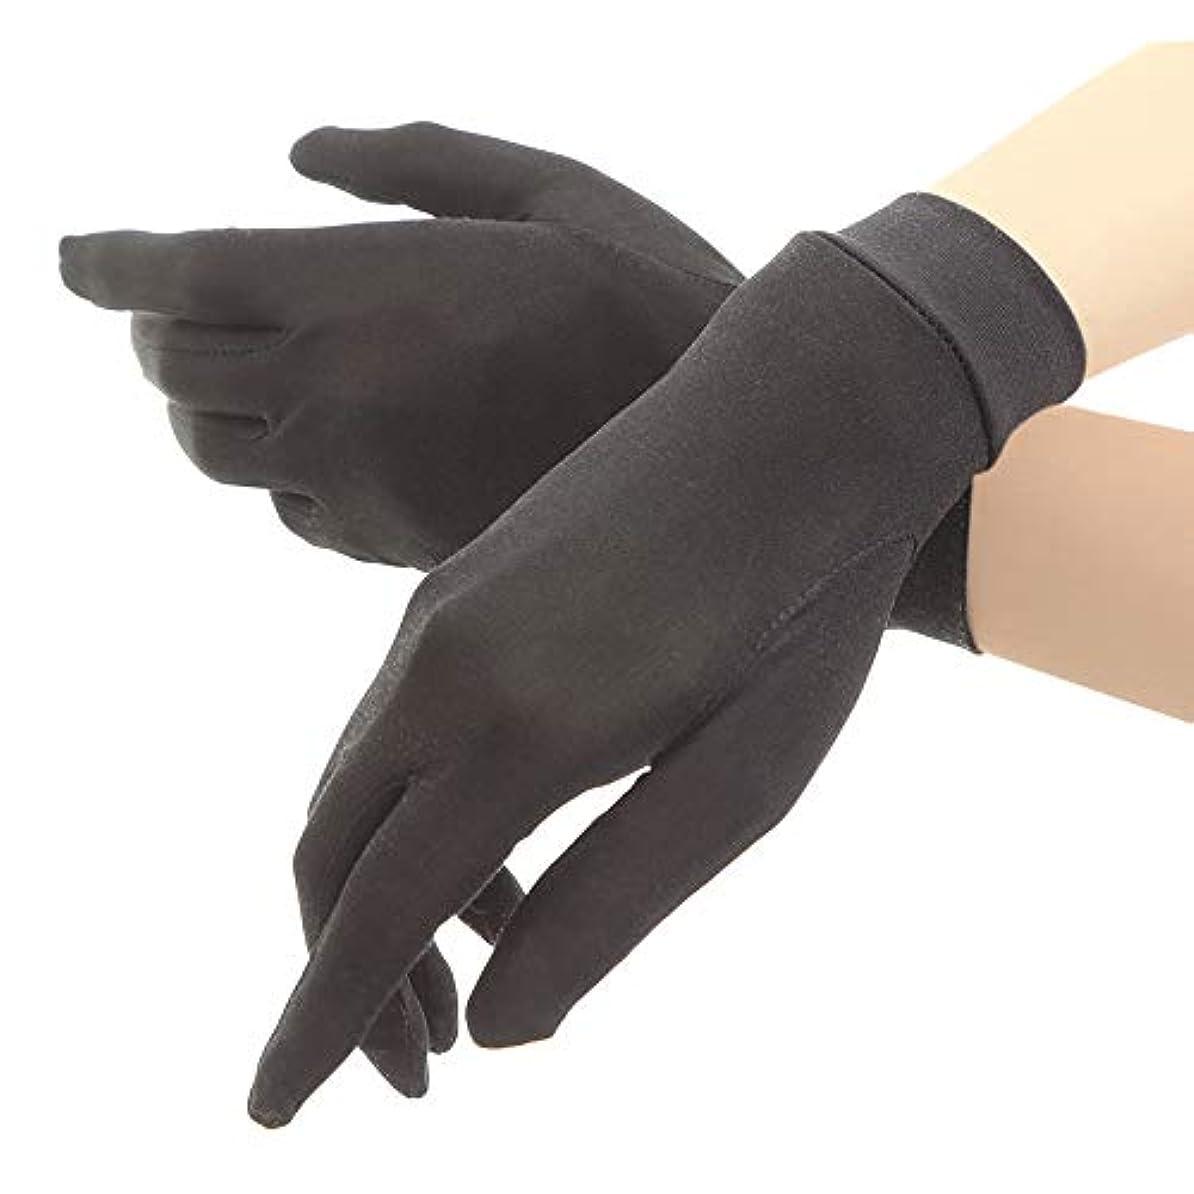 ジュニア概してハンマーシルク手袋 レディース 手袋 シルク 絹 ハンド ケア 保湿 紫外線 肌荒れ 乾燥 サイズアップで手指にマッチ 【macch】